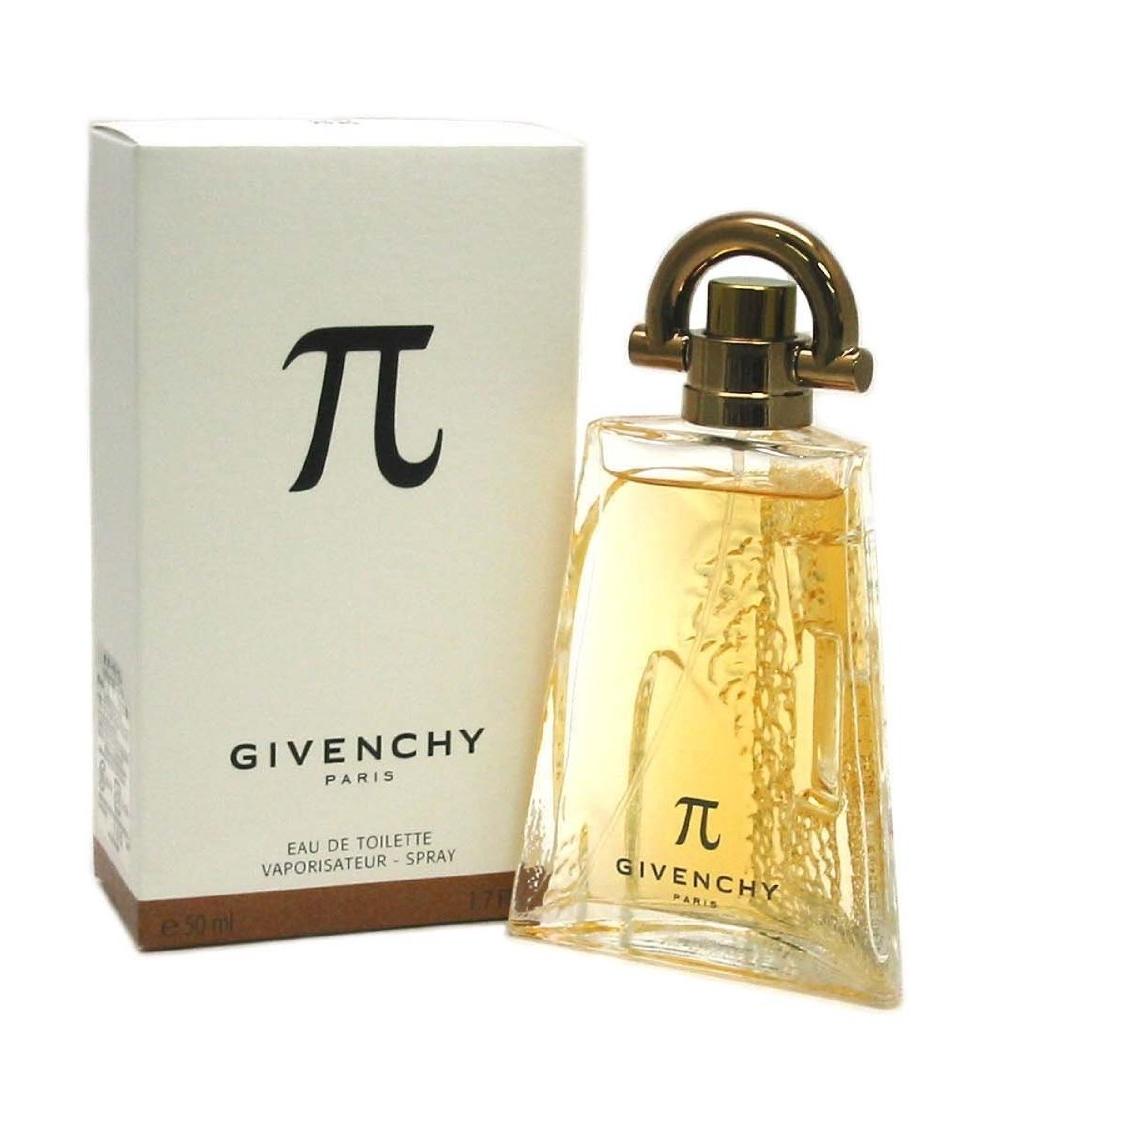 Givenchy Pi Greco eau de toilette vapo donna 50 ml